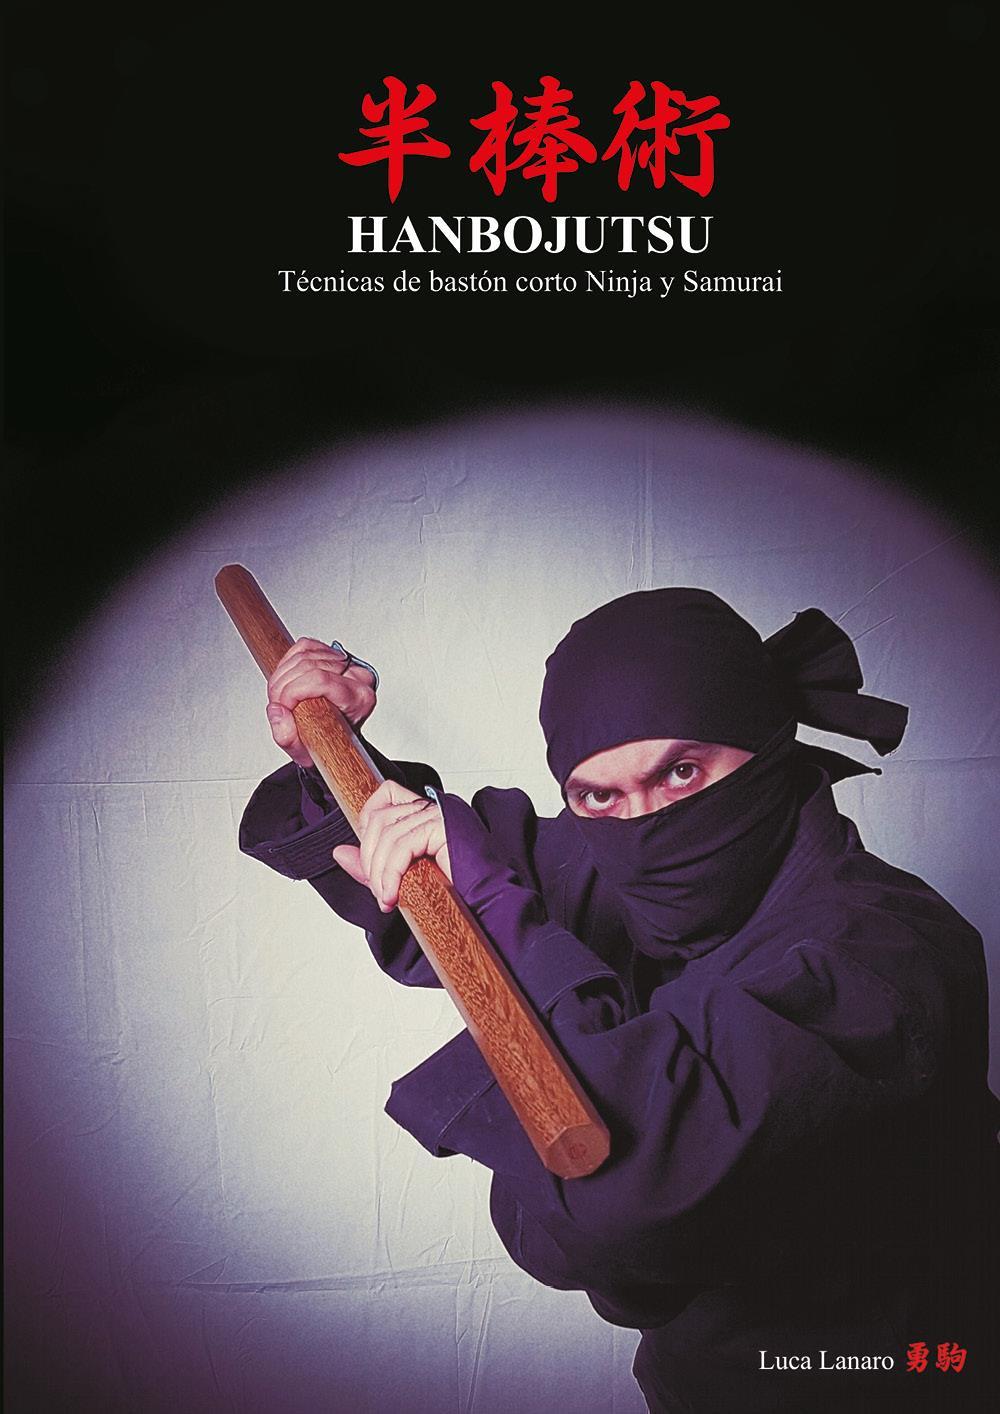 HANBOJUTSU Técnicas de bastón corto Ninja y Samurai